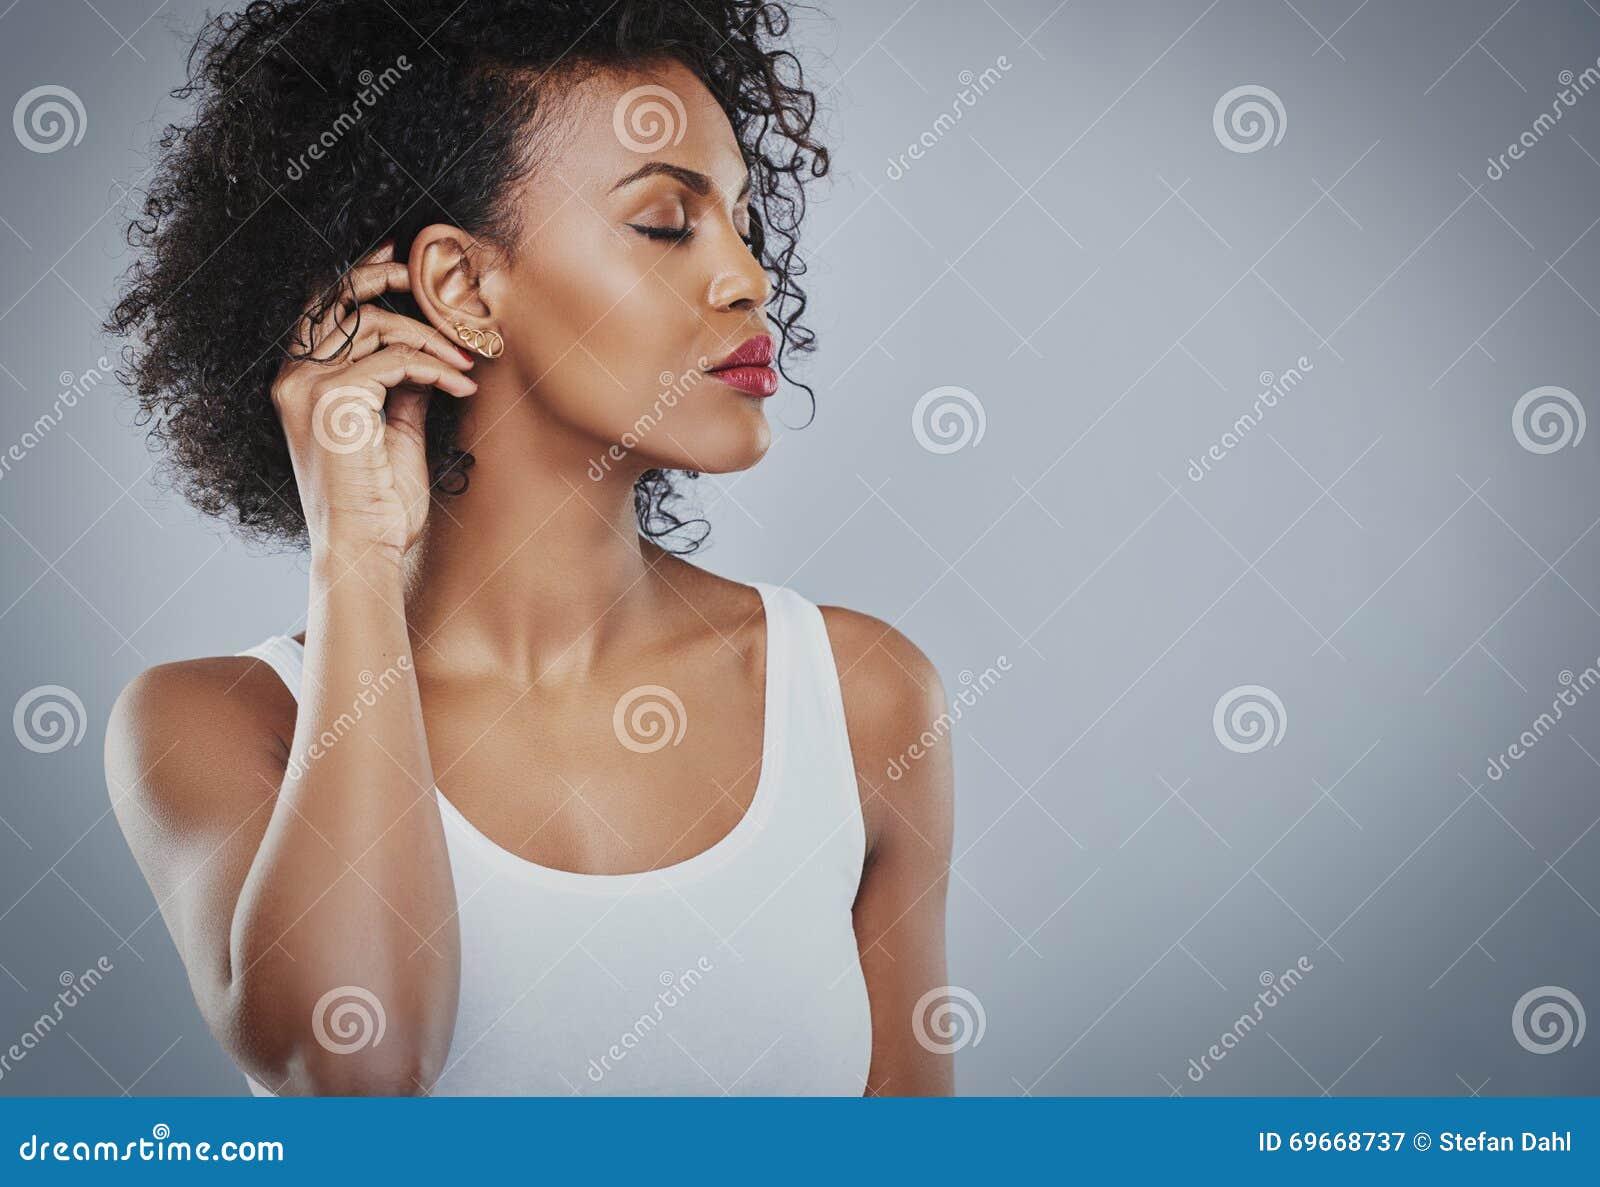 Why do white women like black men so much-9227